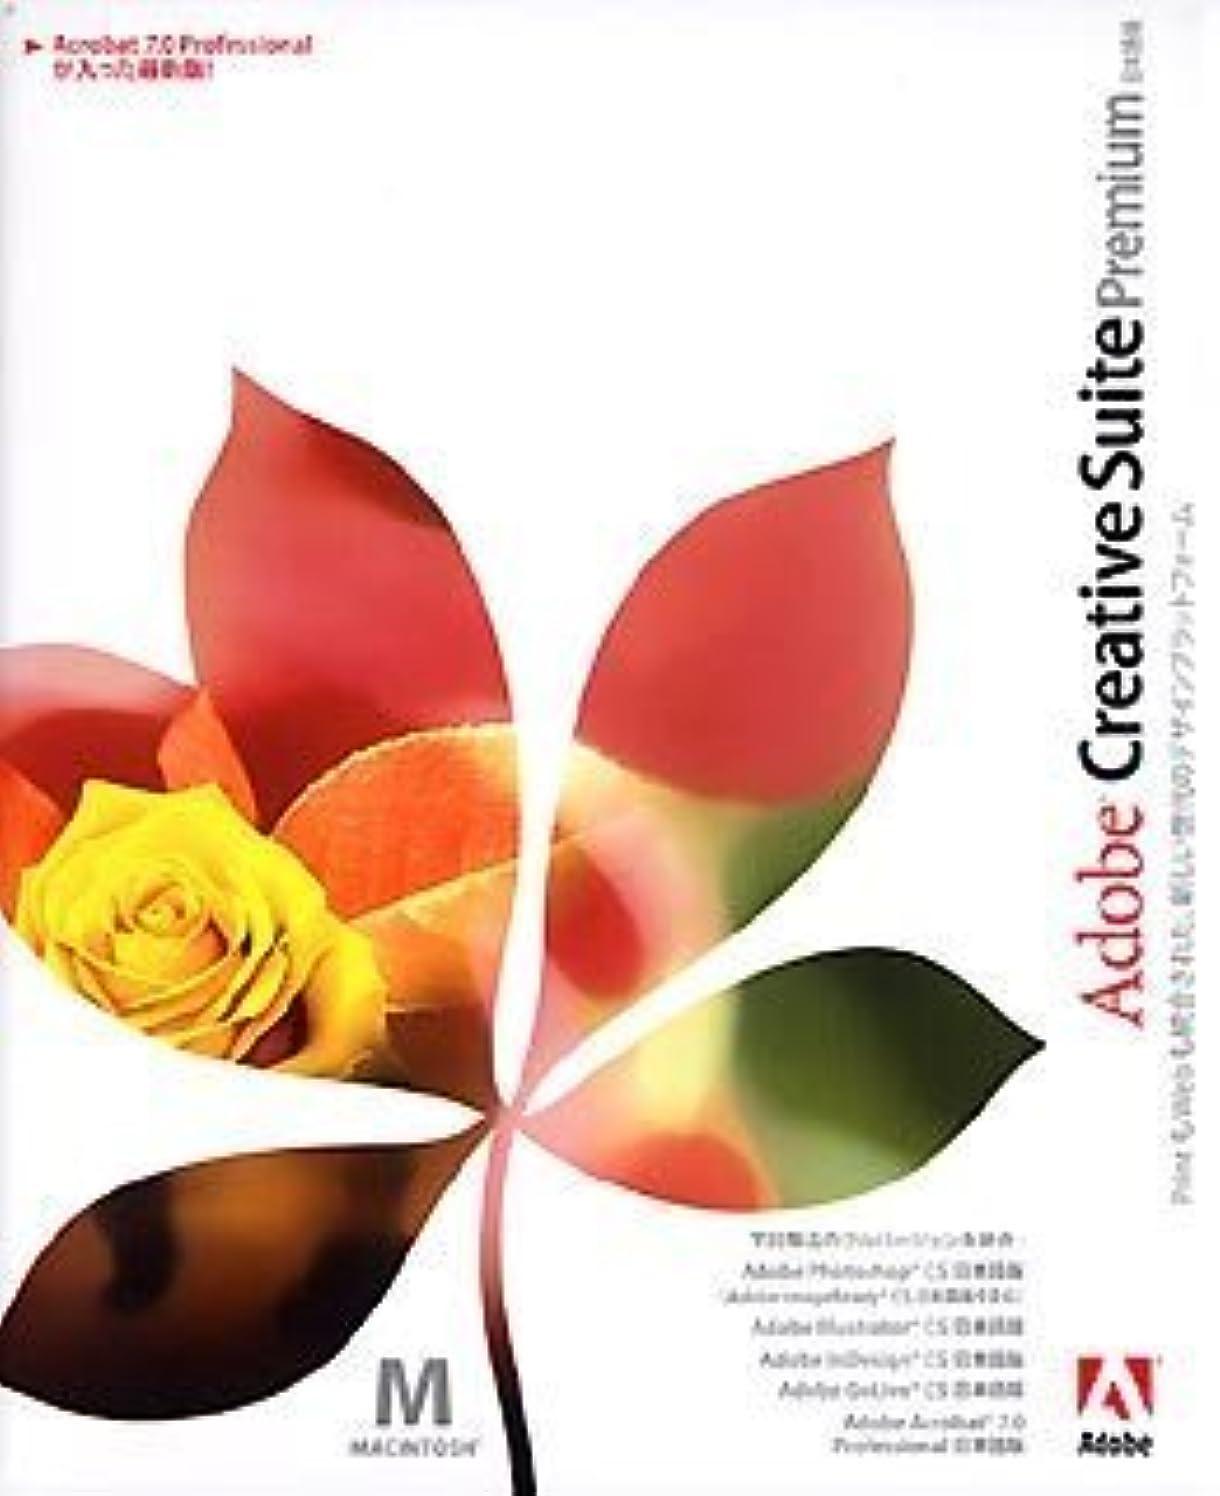 保険私の路地Adobe Creative Suite Premium 日本語版 for Macintosh (Adobe Acrobat 7.0 Professional版)